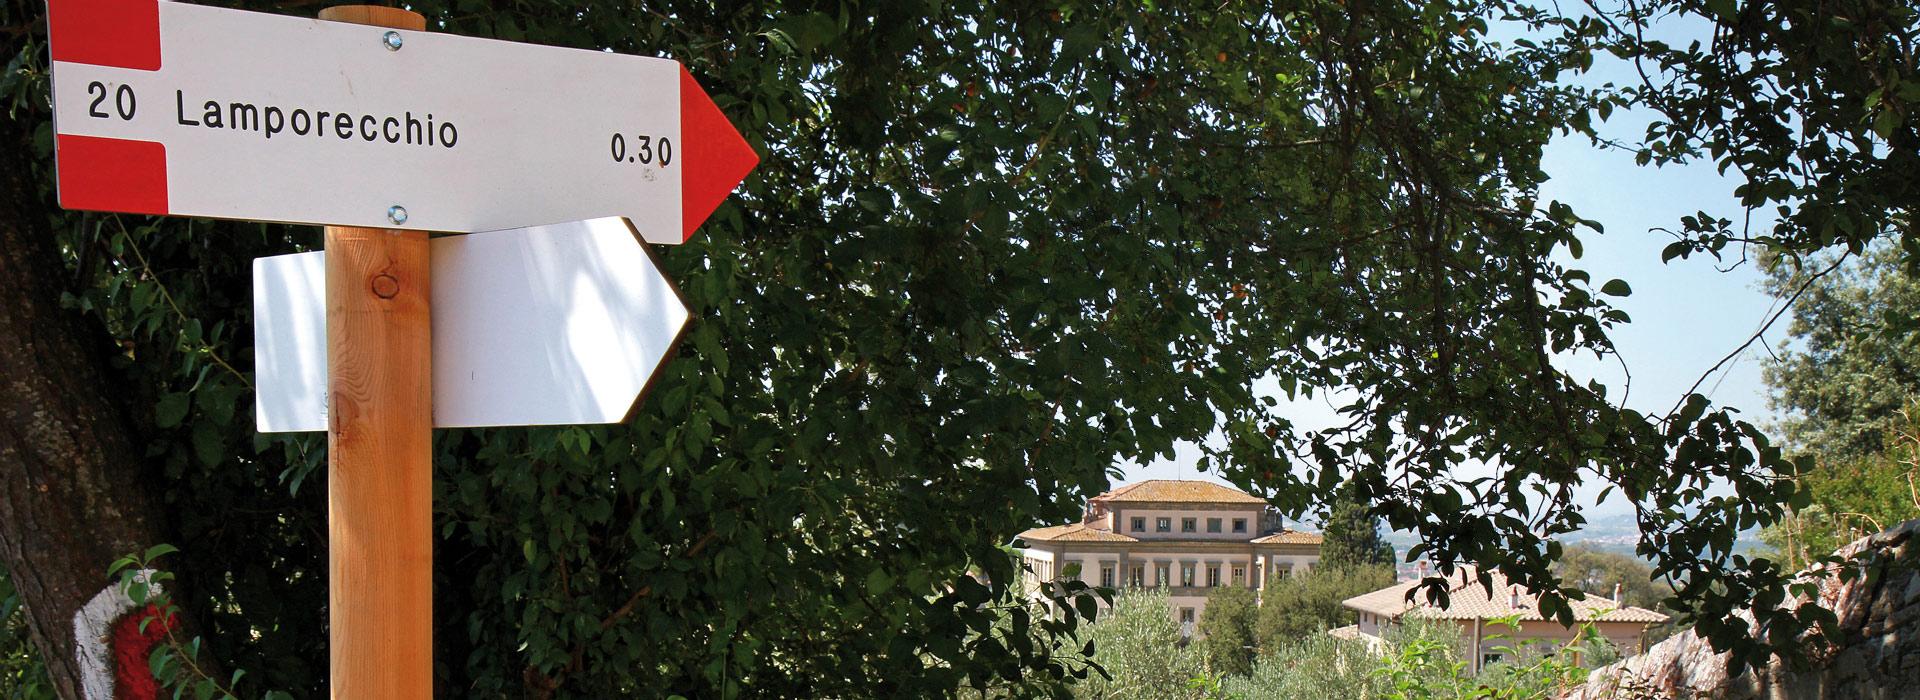 Benvenuti a Lamporecchio